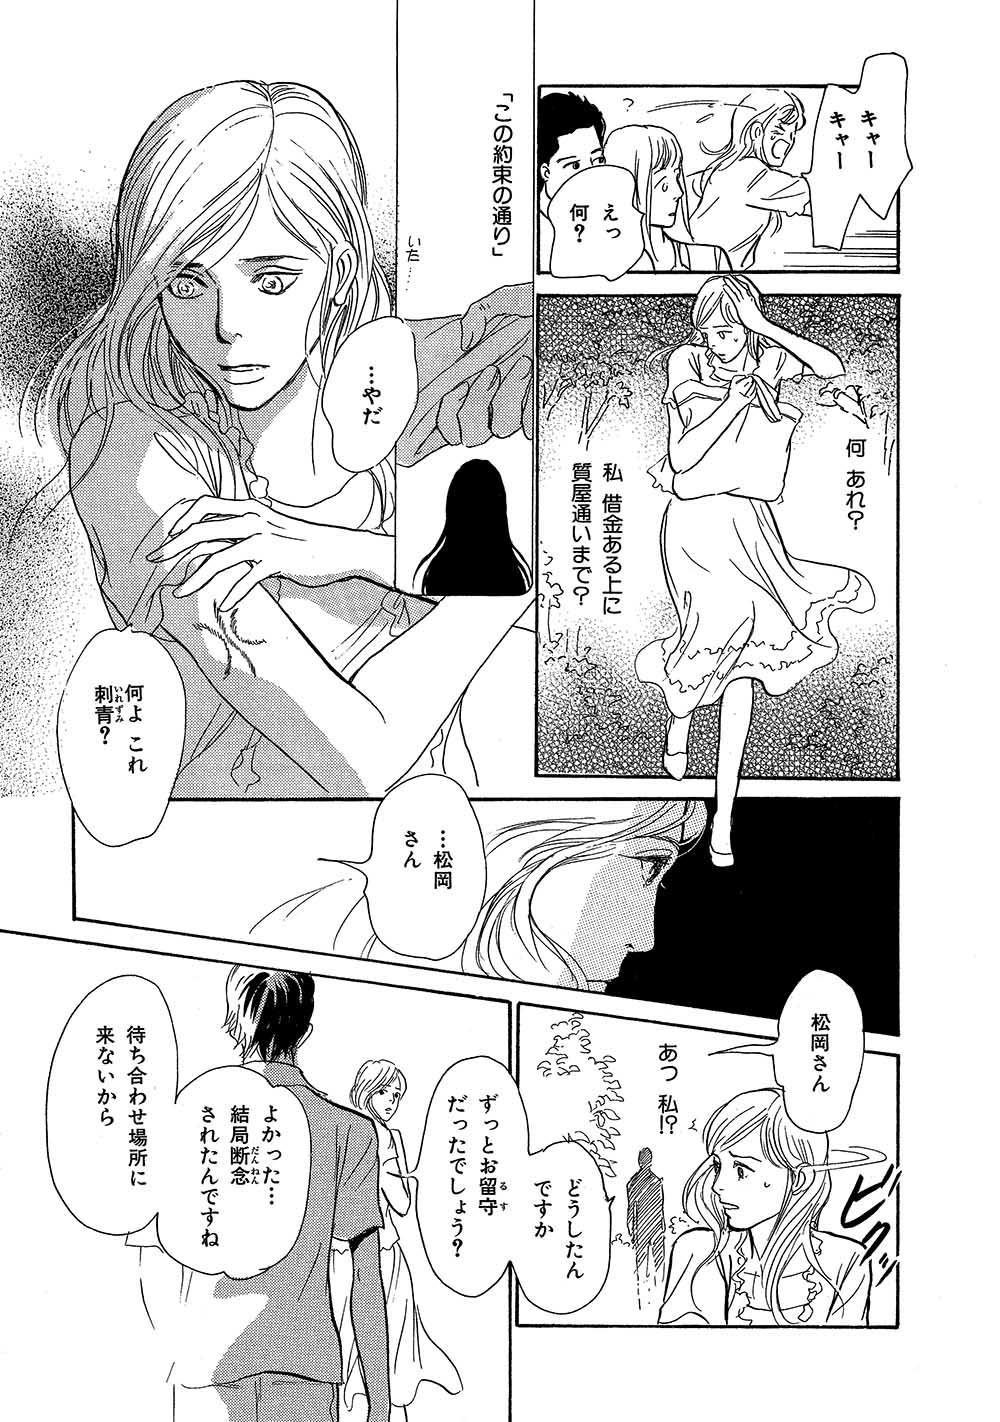 hyakki_0016_0081.jpg